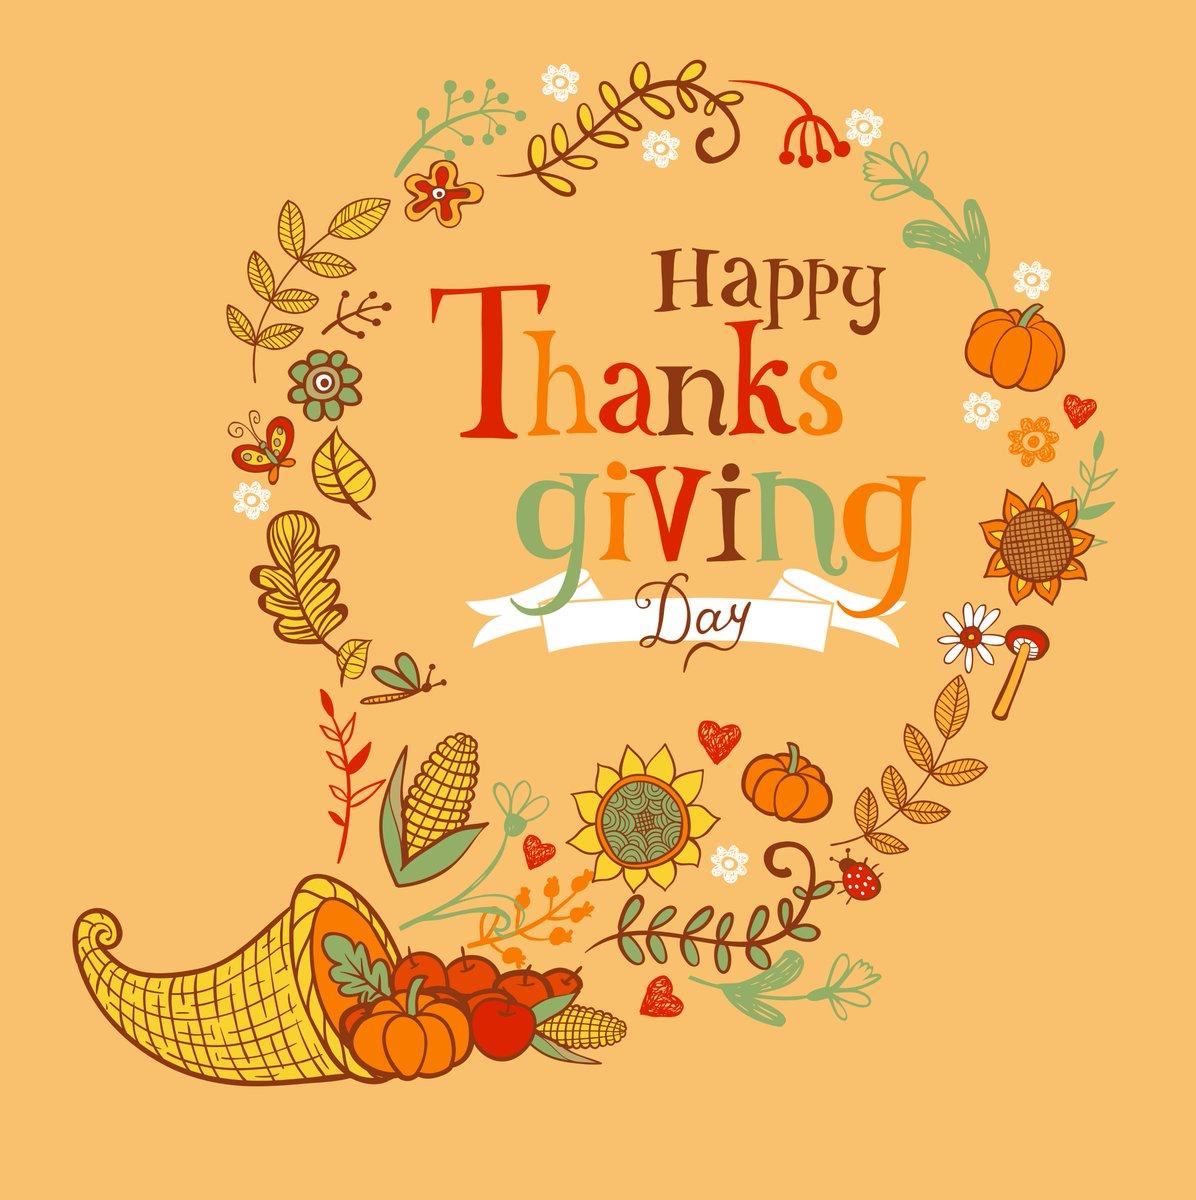 написание открытки к дню благодарения на англ яз открытый бассейн свободном